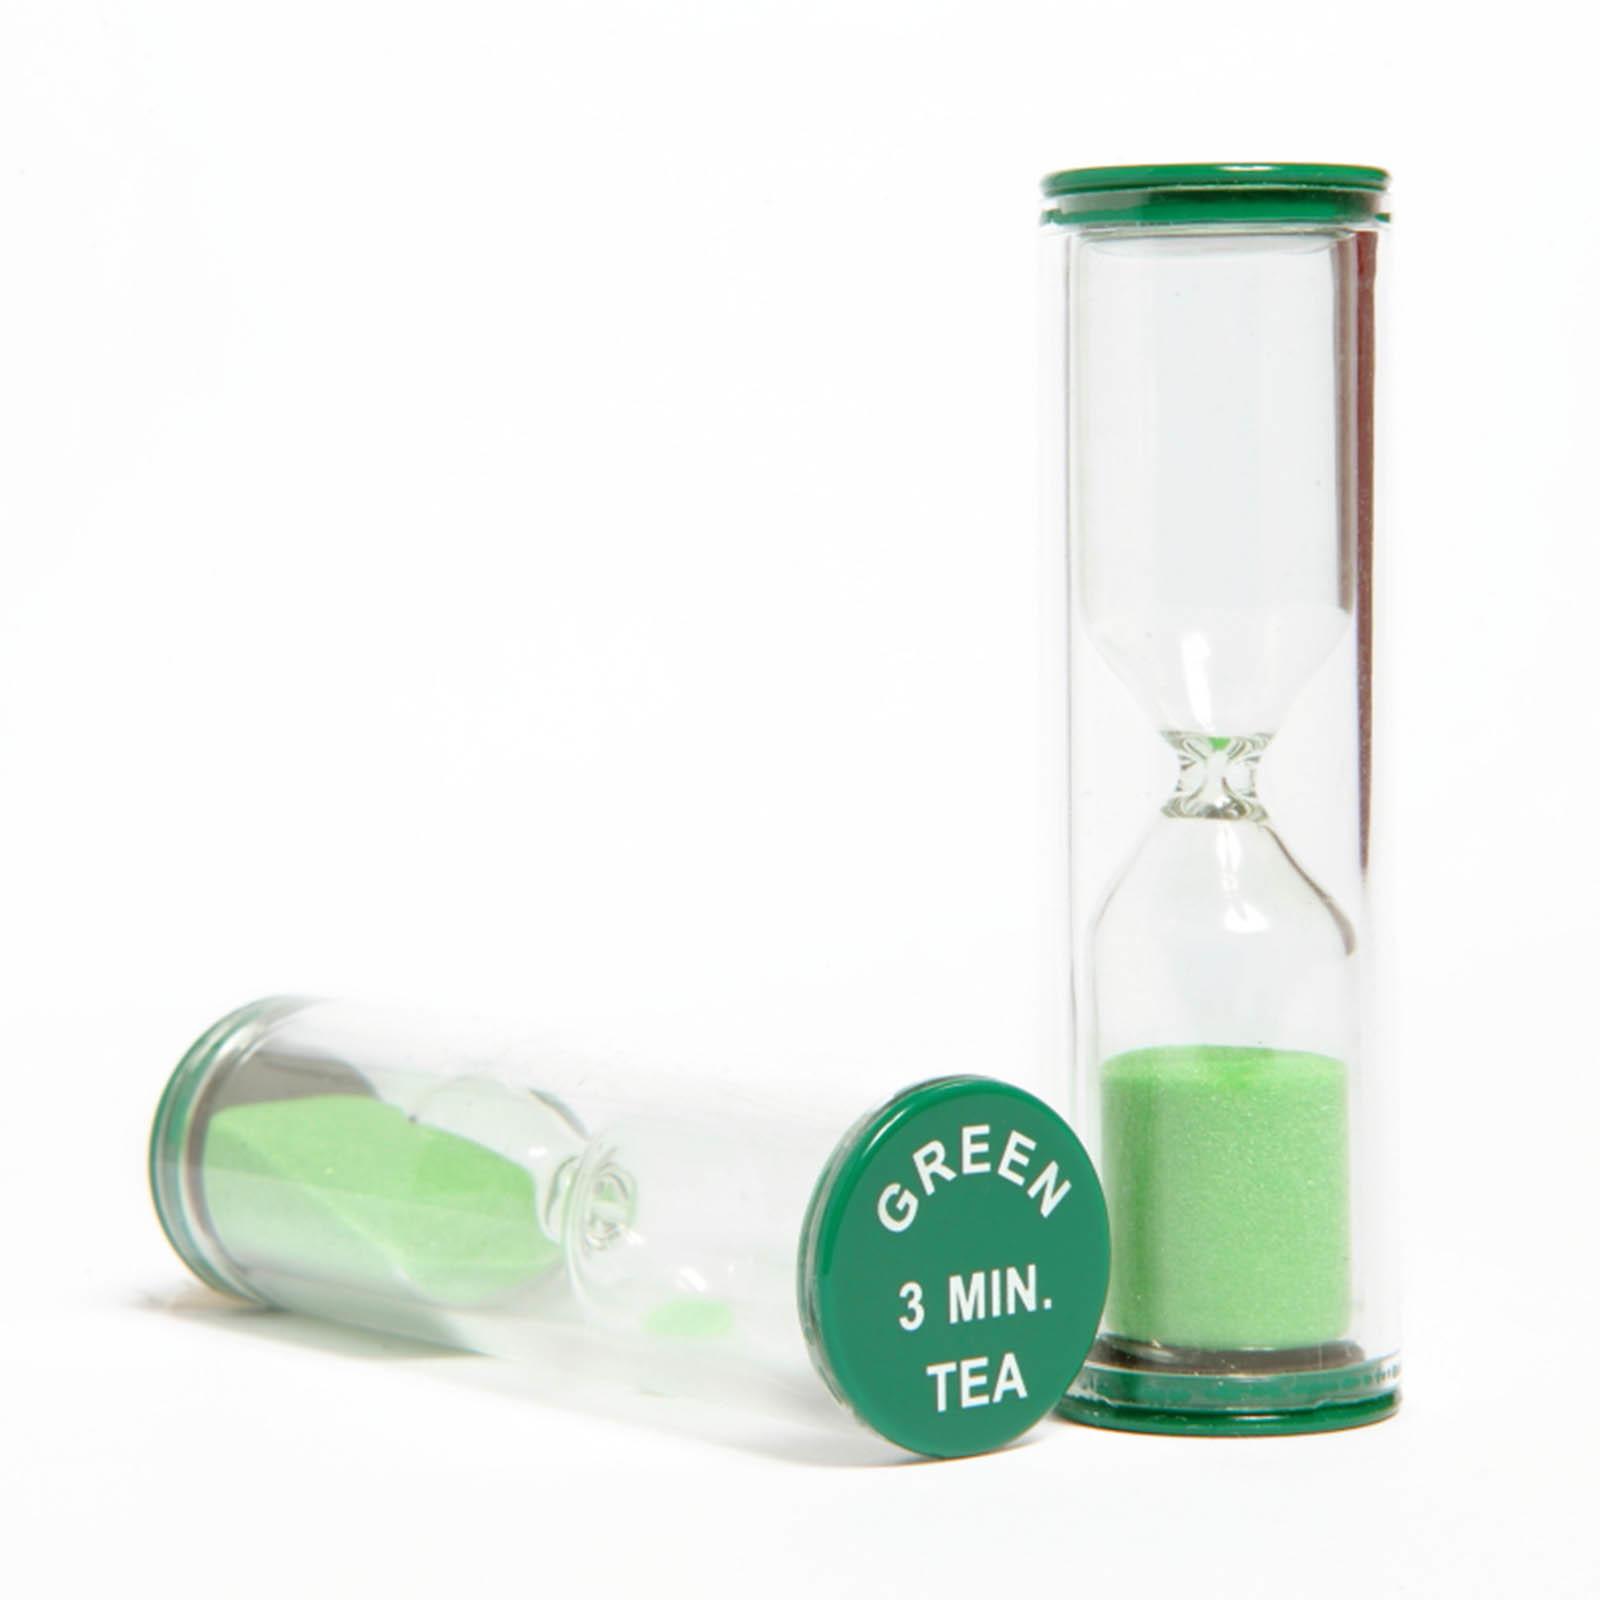 Clessidra per tè verde cinese (3 minuti) - Articoli per il Tè